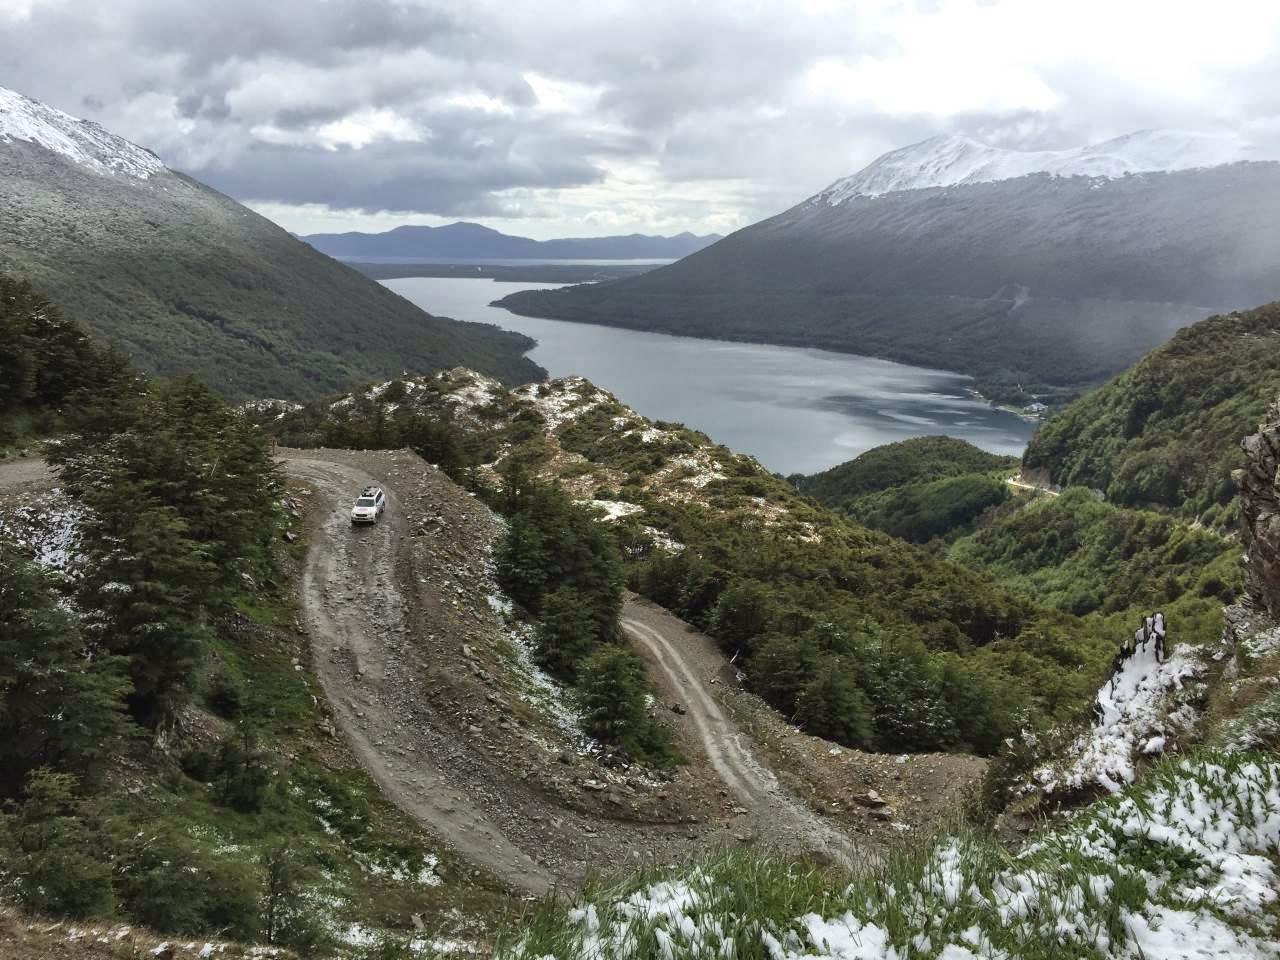 Ushuaia 4x4 Offroad tour - Aussicht vom Pass aus